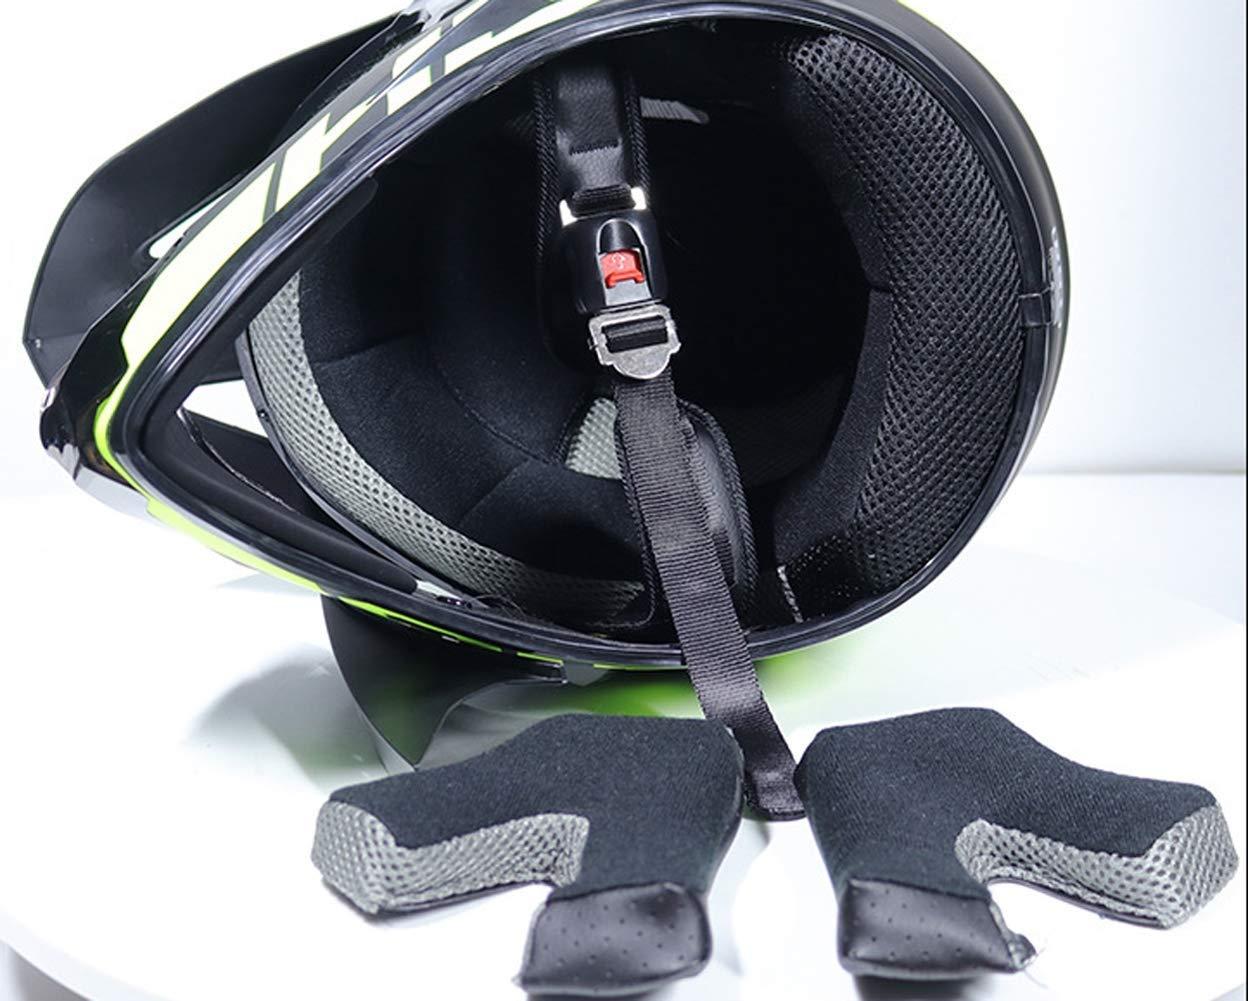 - Negro y Azul Jackson Wang Casco de Moto Casco de Motocross con Gafas Casco de Carretera Casco de MTB Integral para Hombres Protecci/ón de Seguridad para Mujeres,M Casco de Motocross 5 Piezas